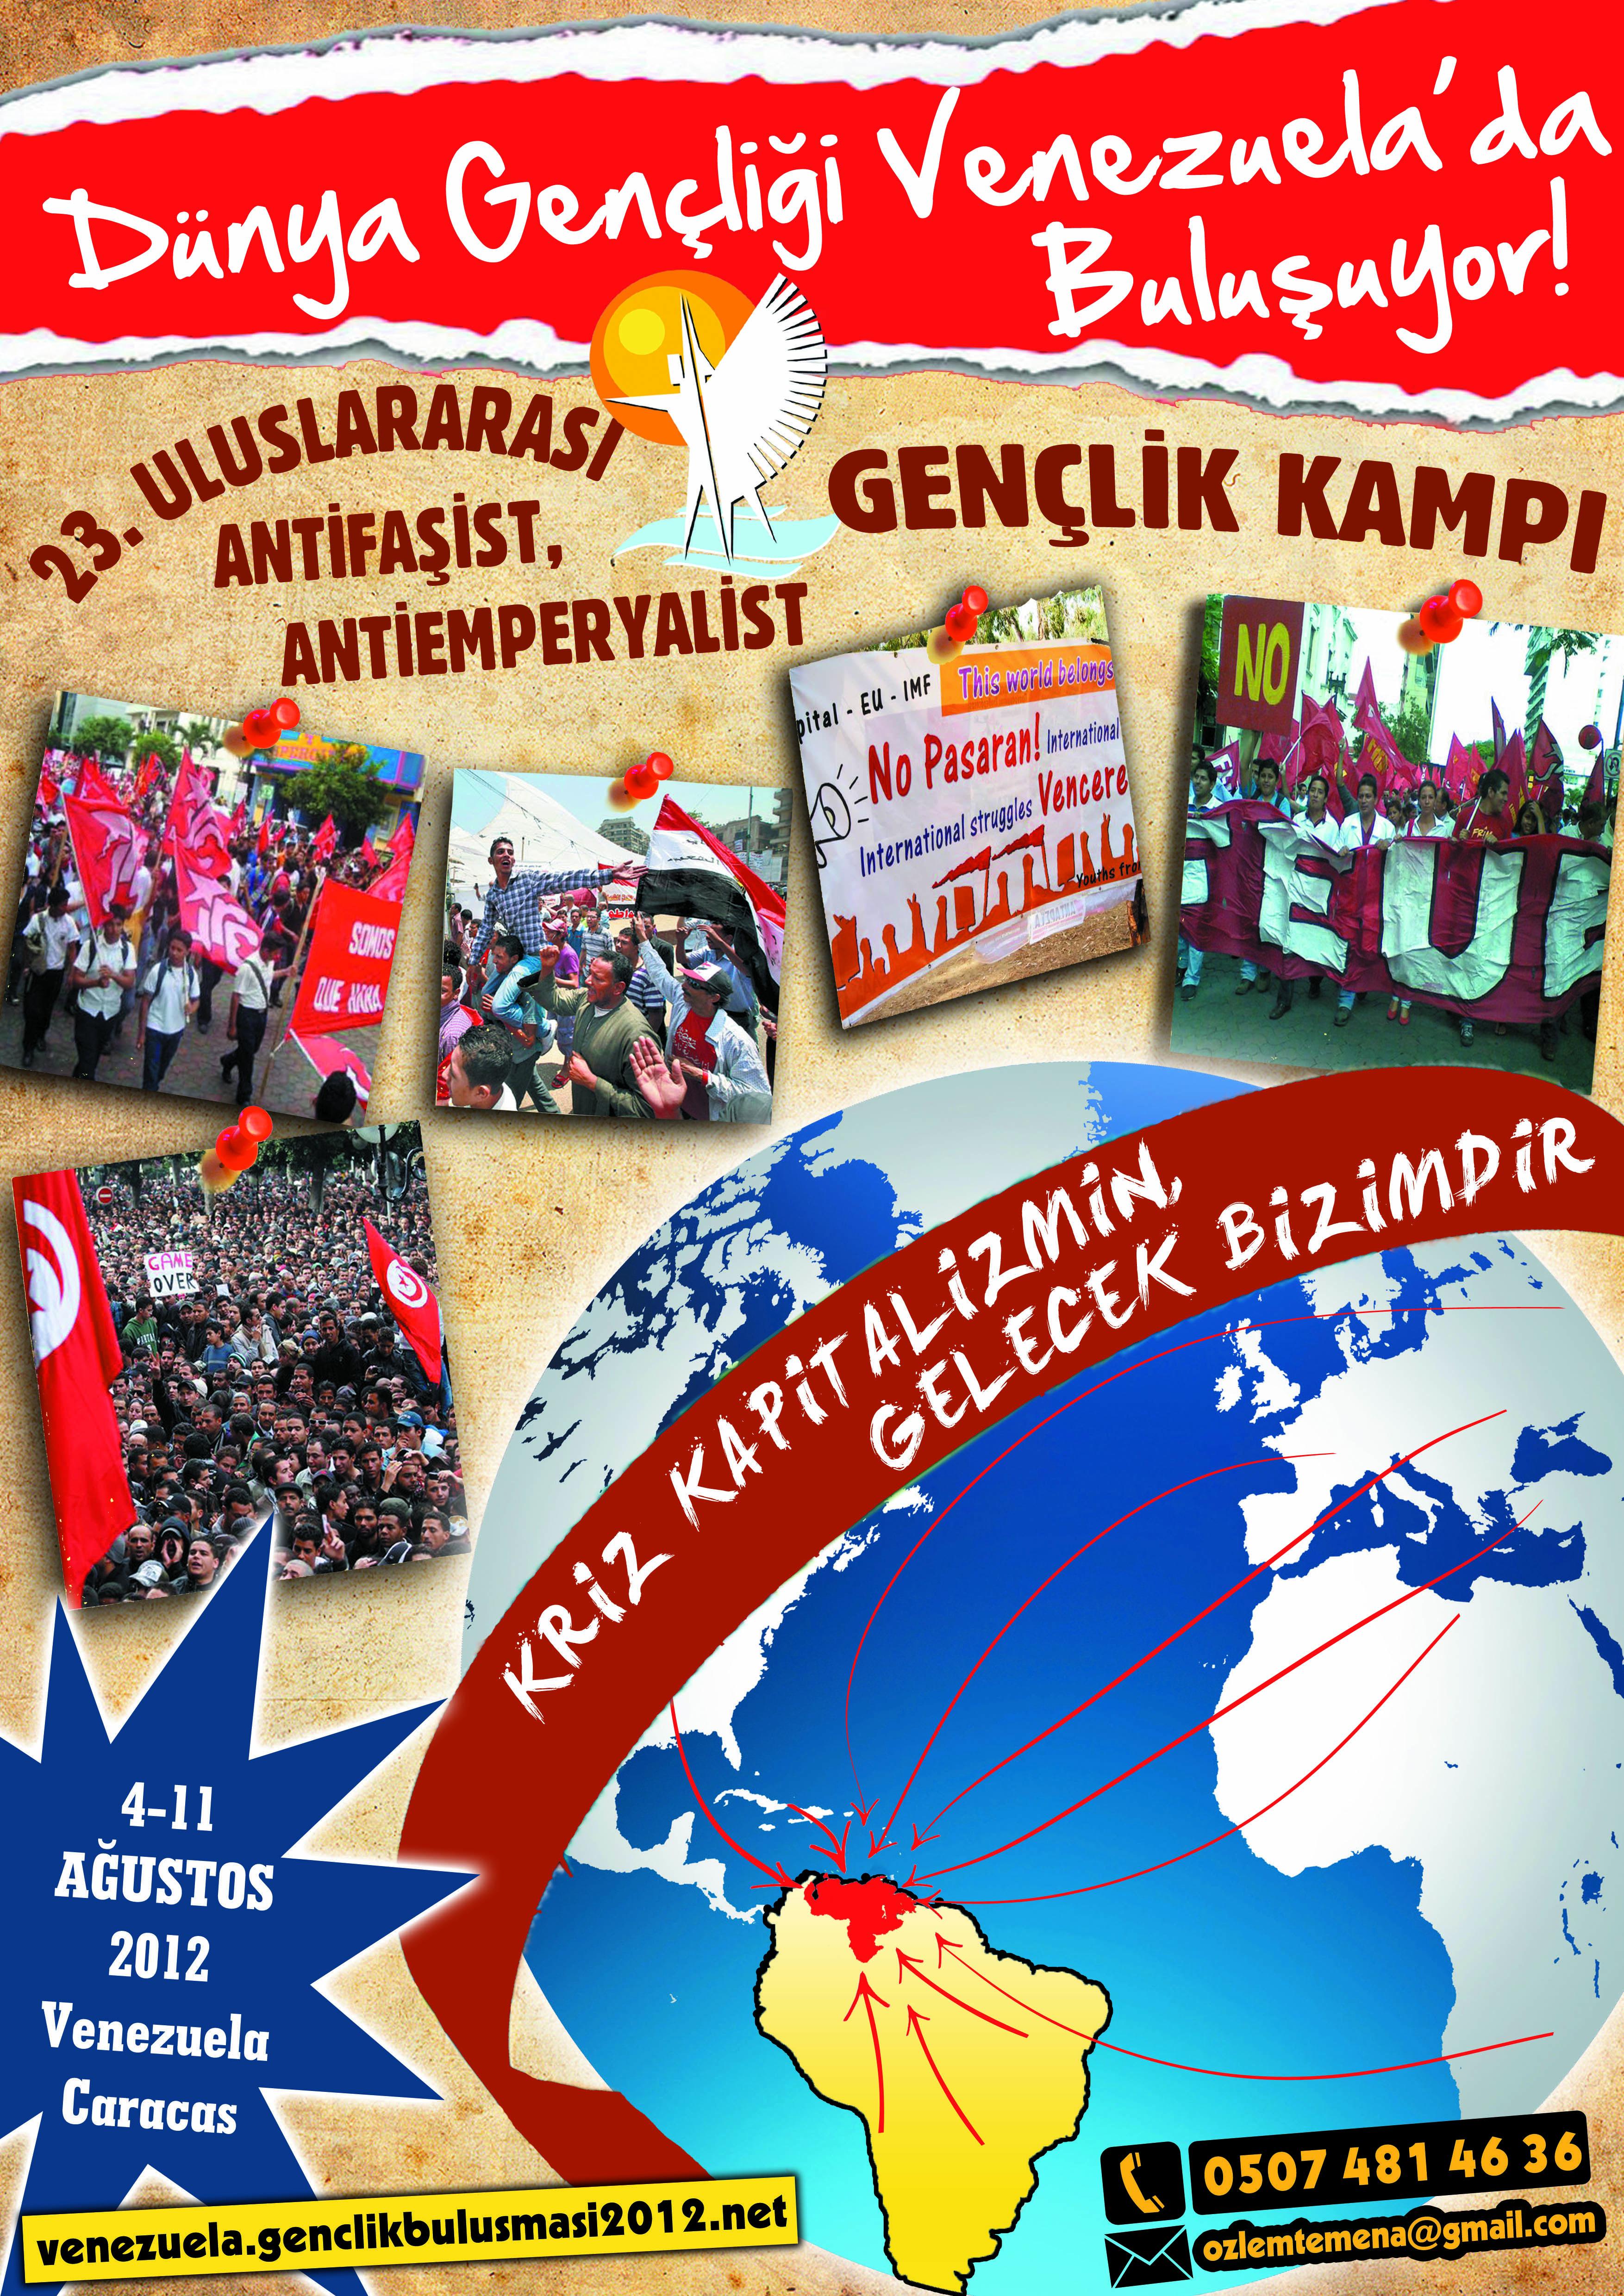 23. AntiFaişist AntiEmperyalist Gençlik Kampı